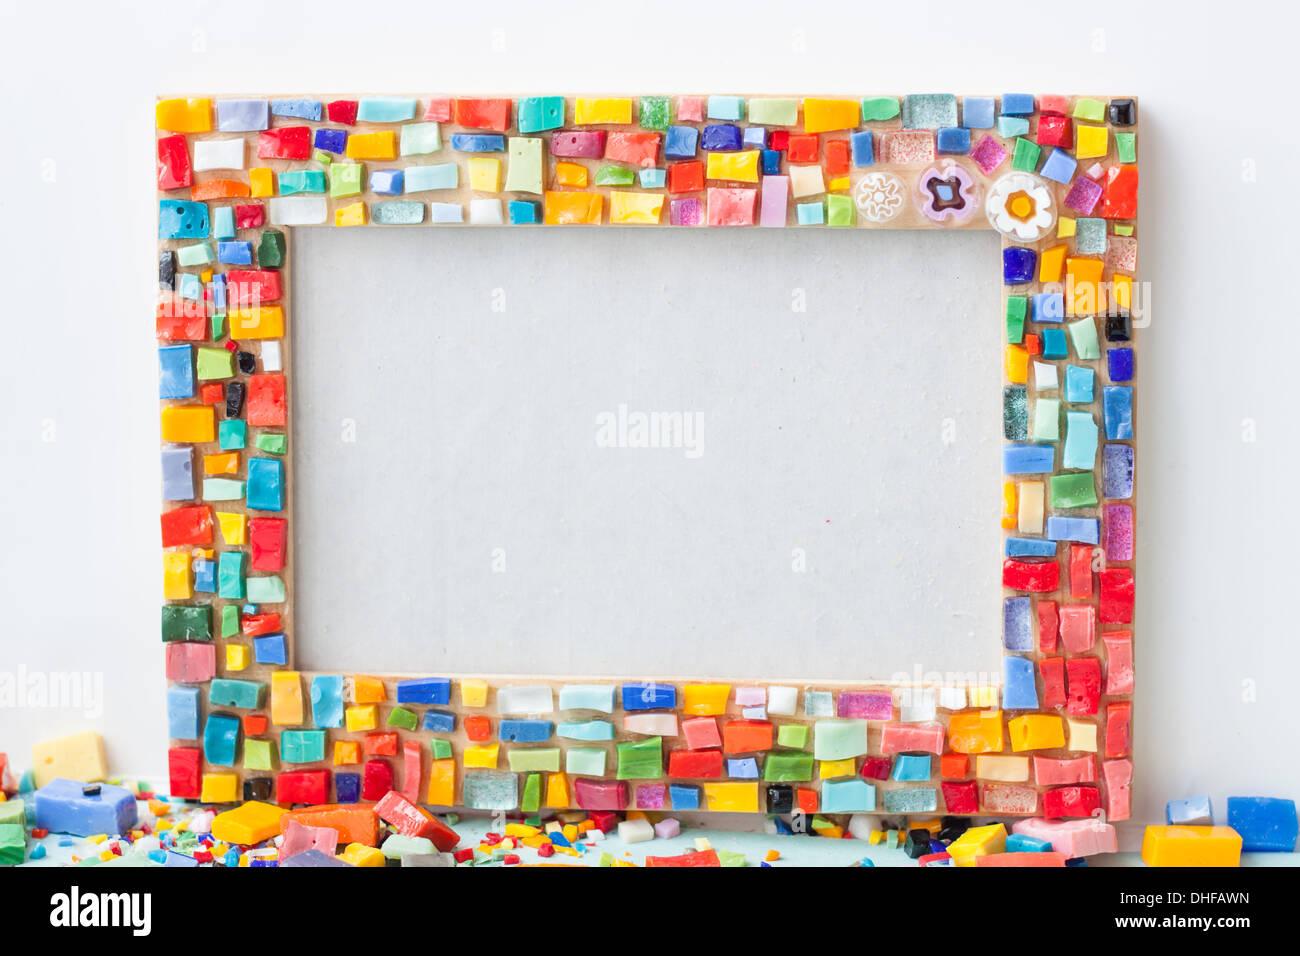 Foto-Rahmen, Mosaik, weißer Hintergrund, bunt, Farben, Smalti, Glas ...